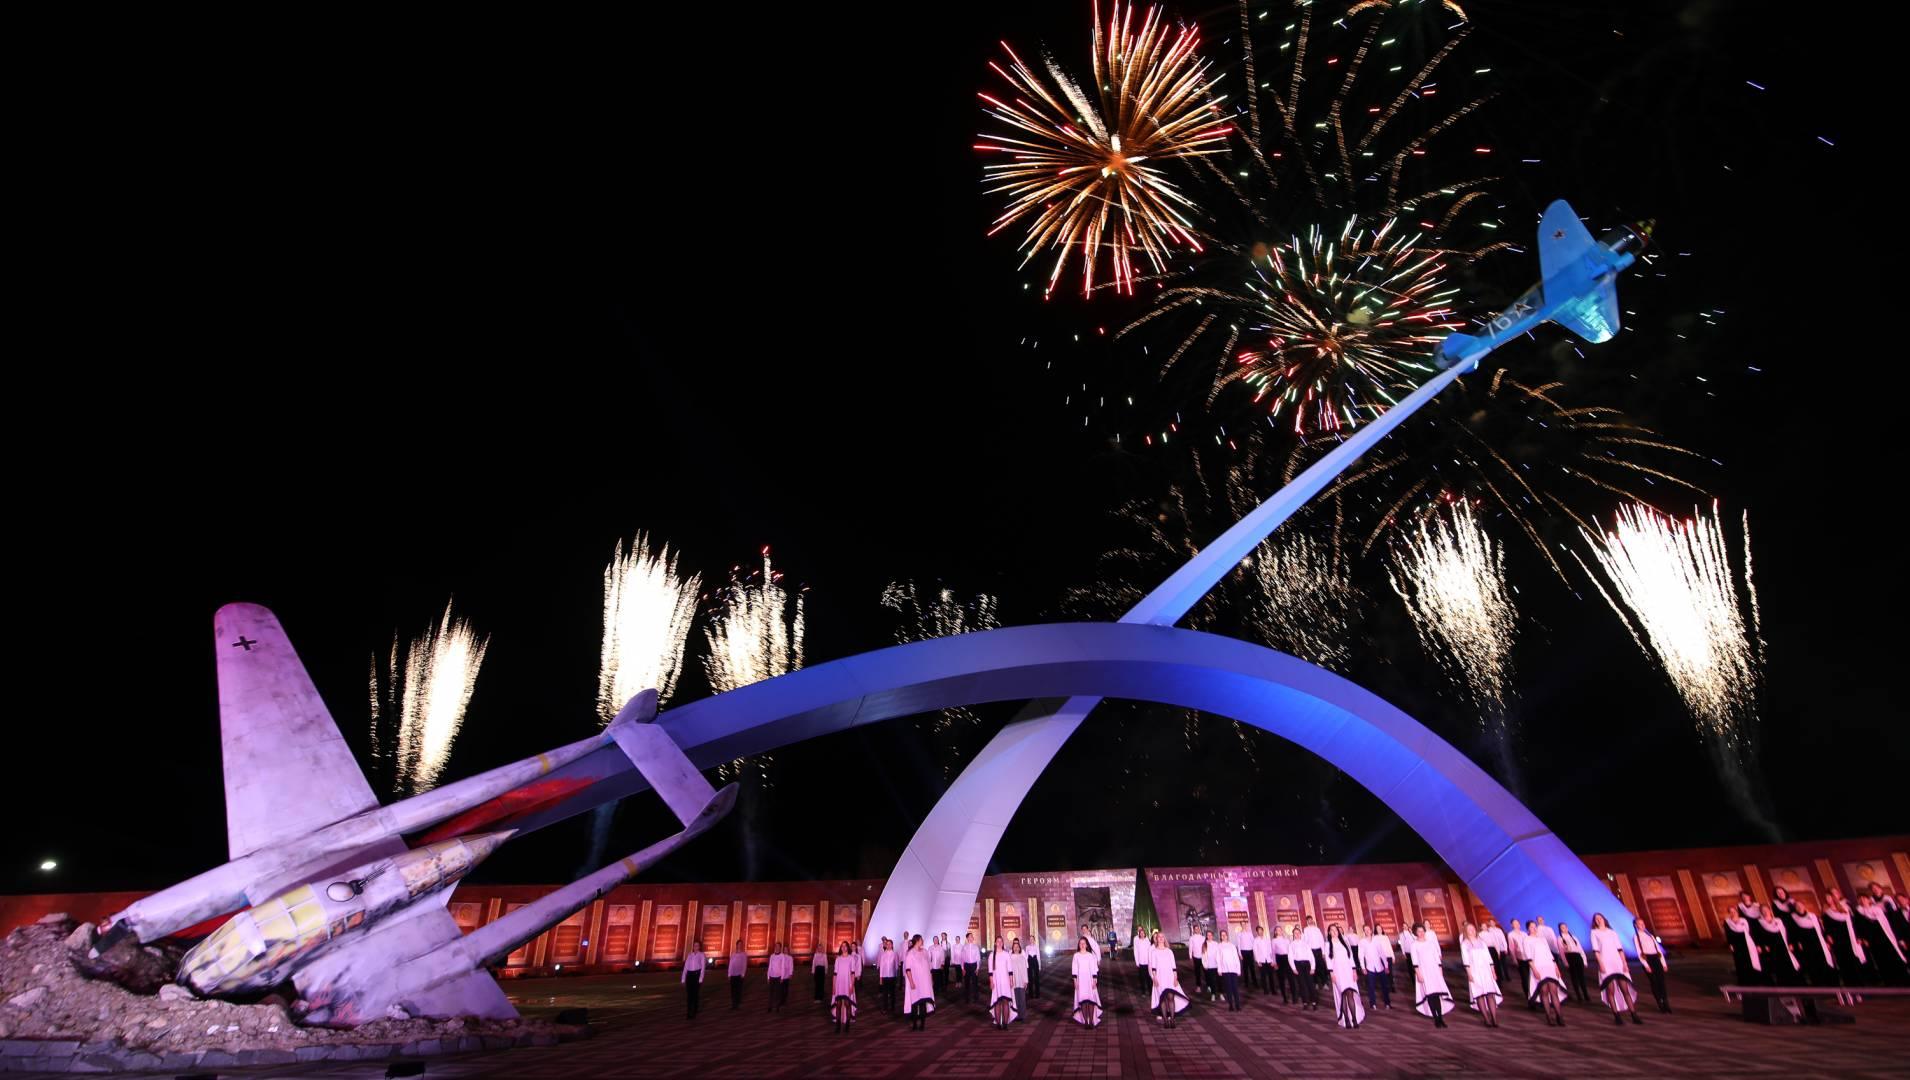 ВИДЕО: 9 мая прошла торжественная церемония закрытия фестиваля «Спасибо за Победу!» в Туле